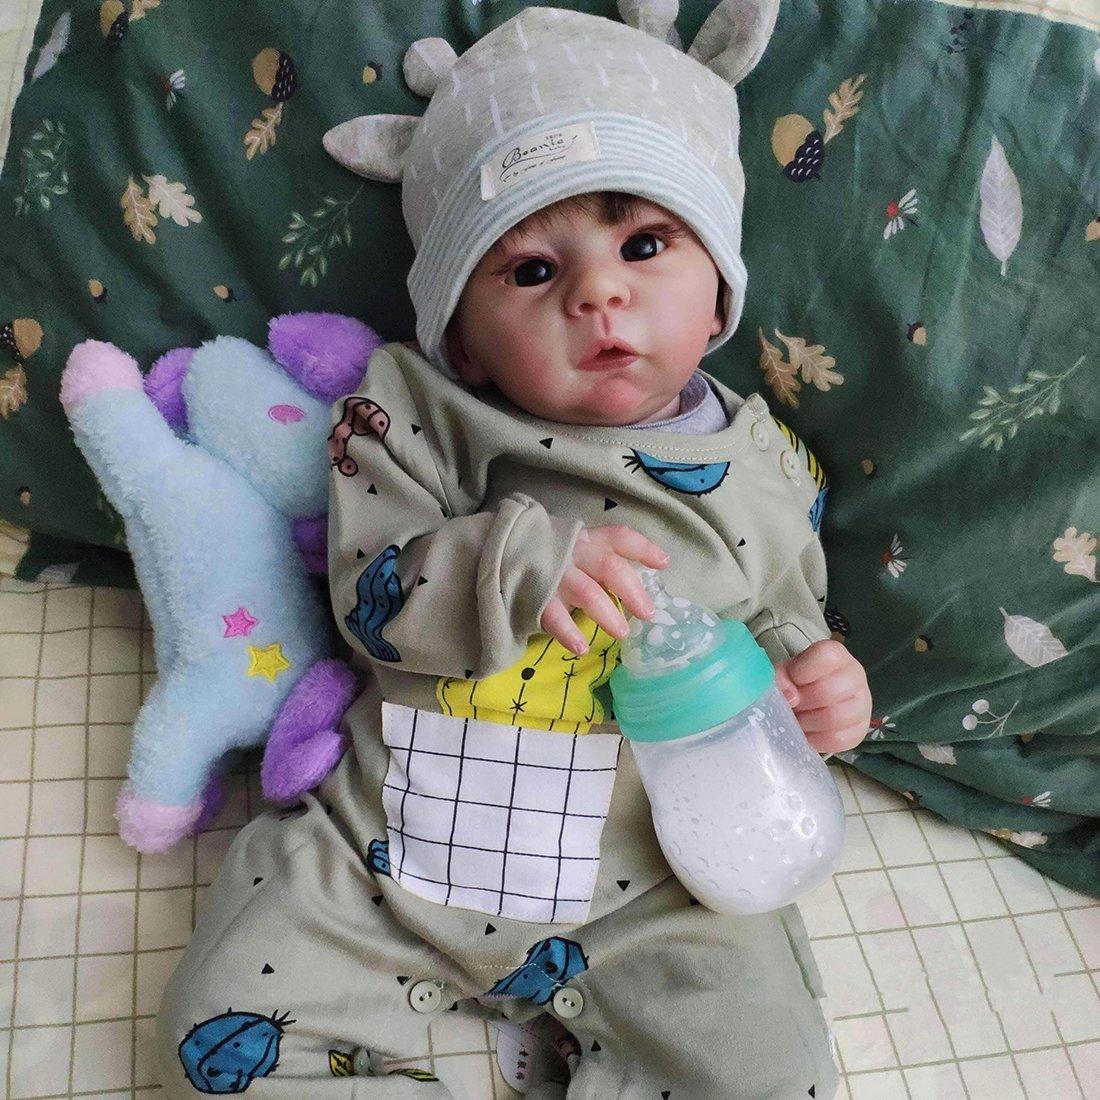 Poupée Reborn 21 Pouces Réaliste Bebe Reborn Réaliste Lifelike Mignon Nouveau-né Reborn Baby Dolls Garçon Fille Jouets